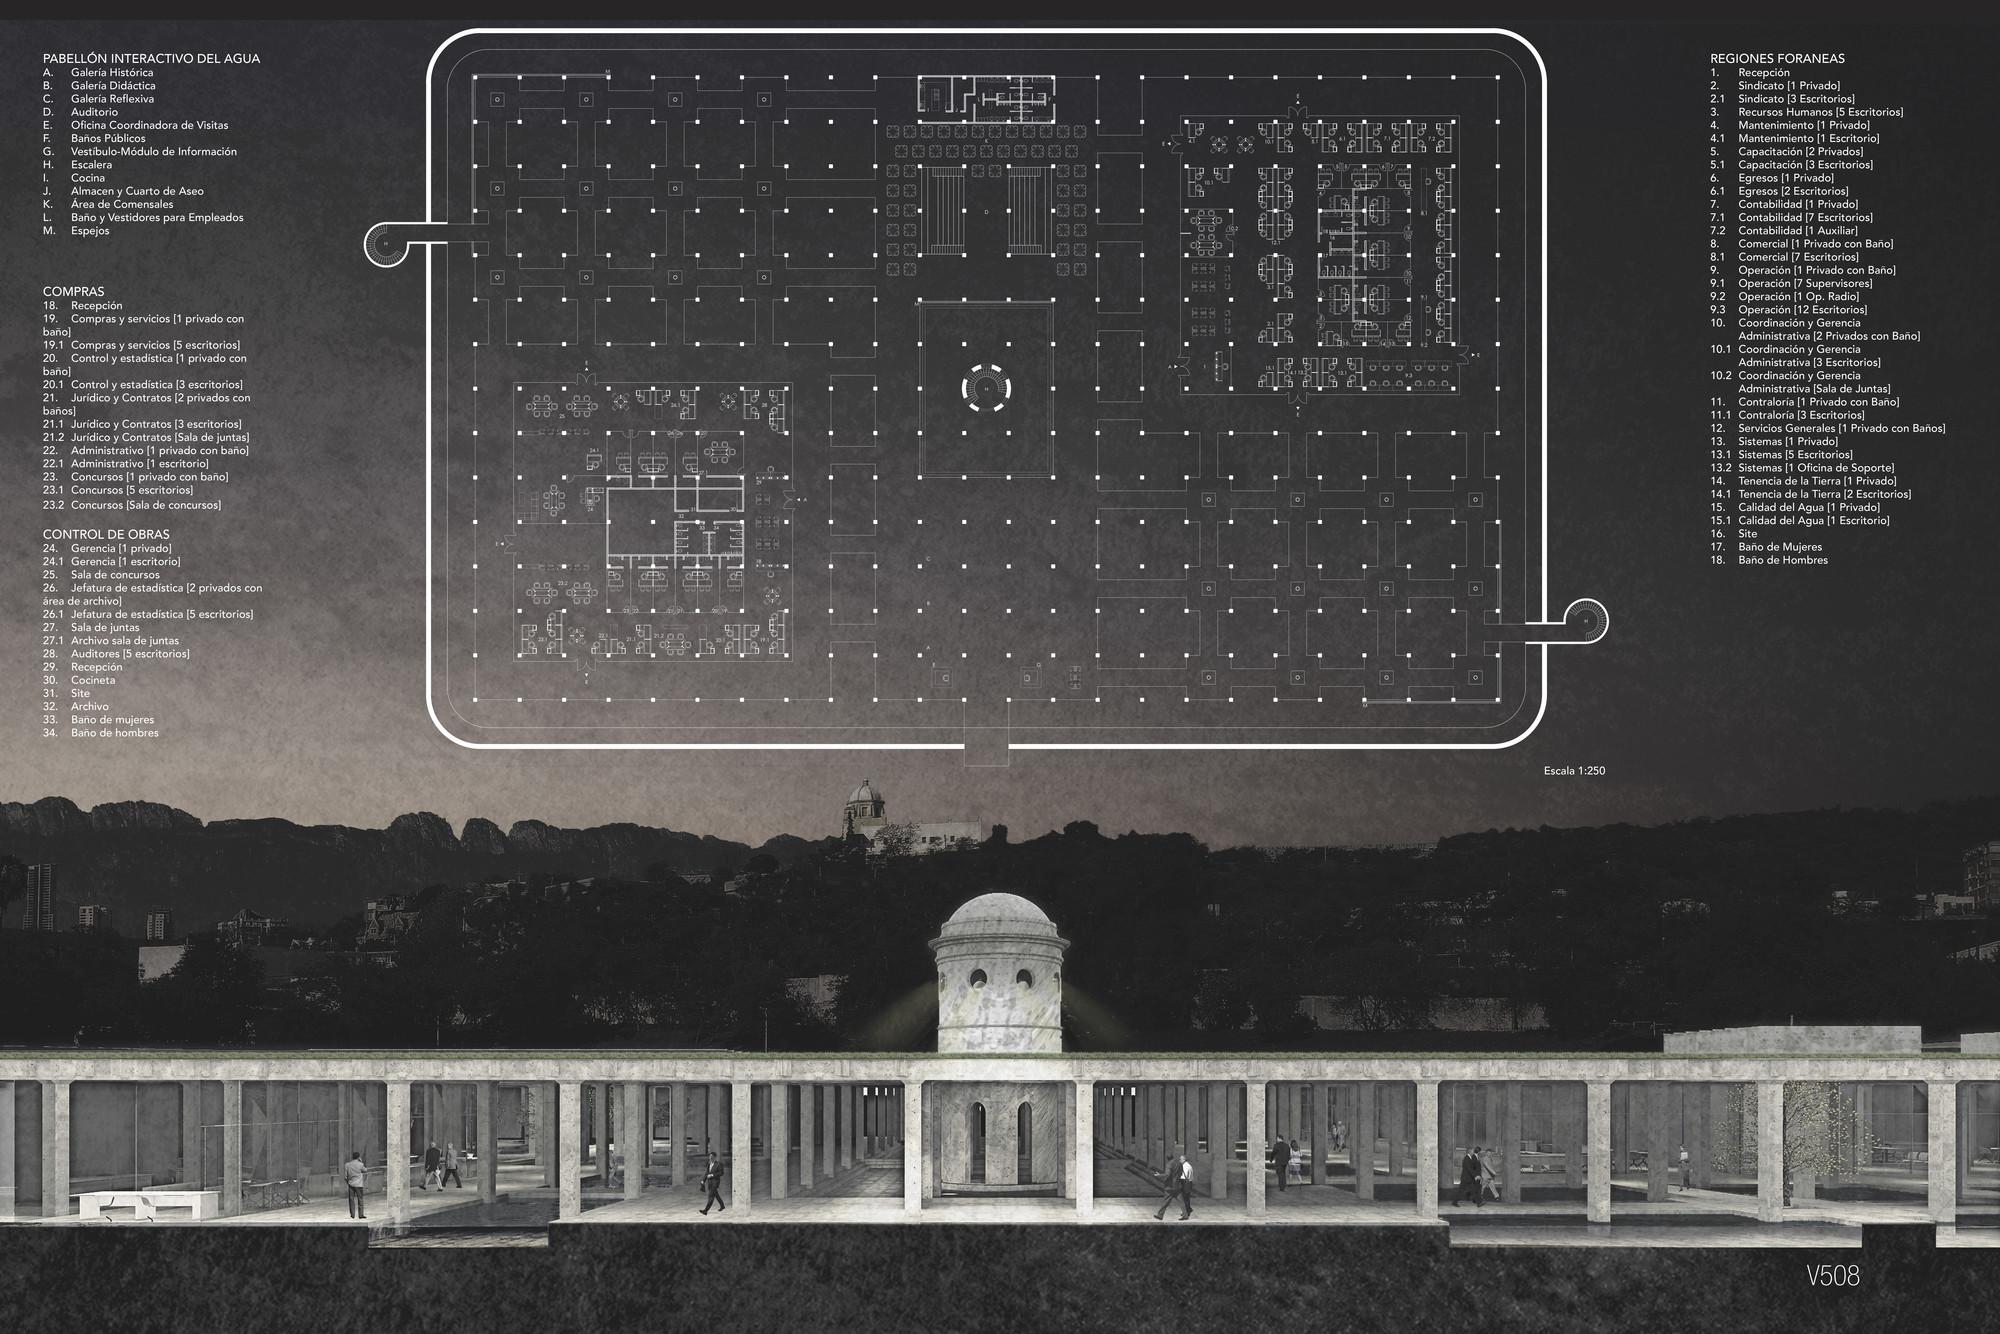 Cortesia de Covachita Taller de Arquitectura + Garza Camisay Arquitectos